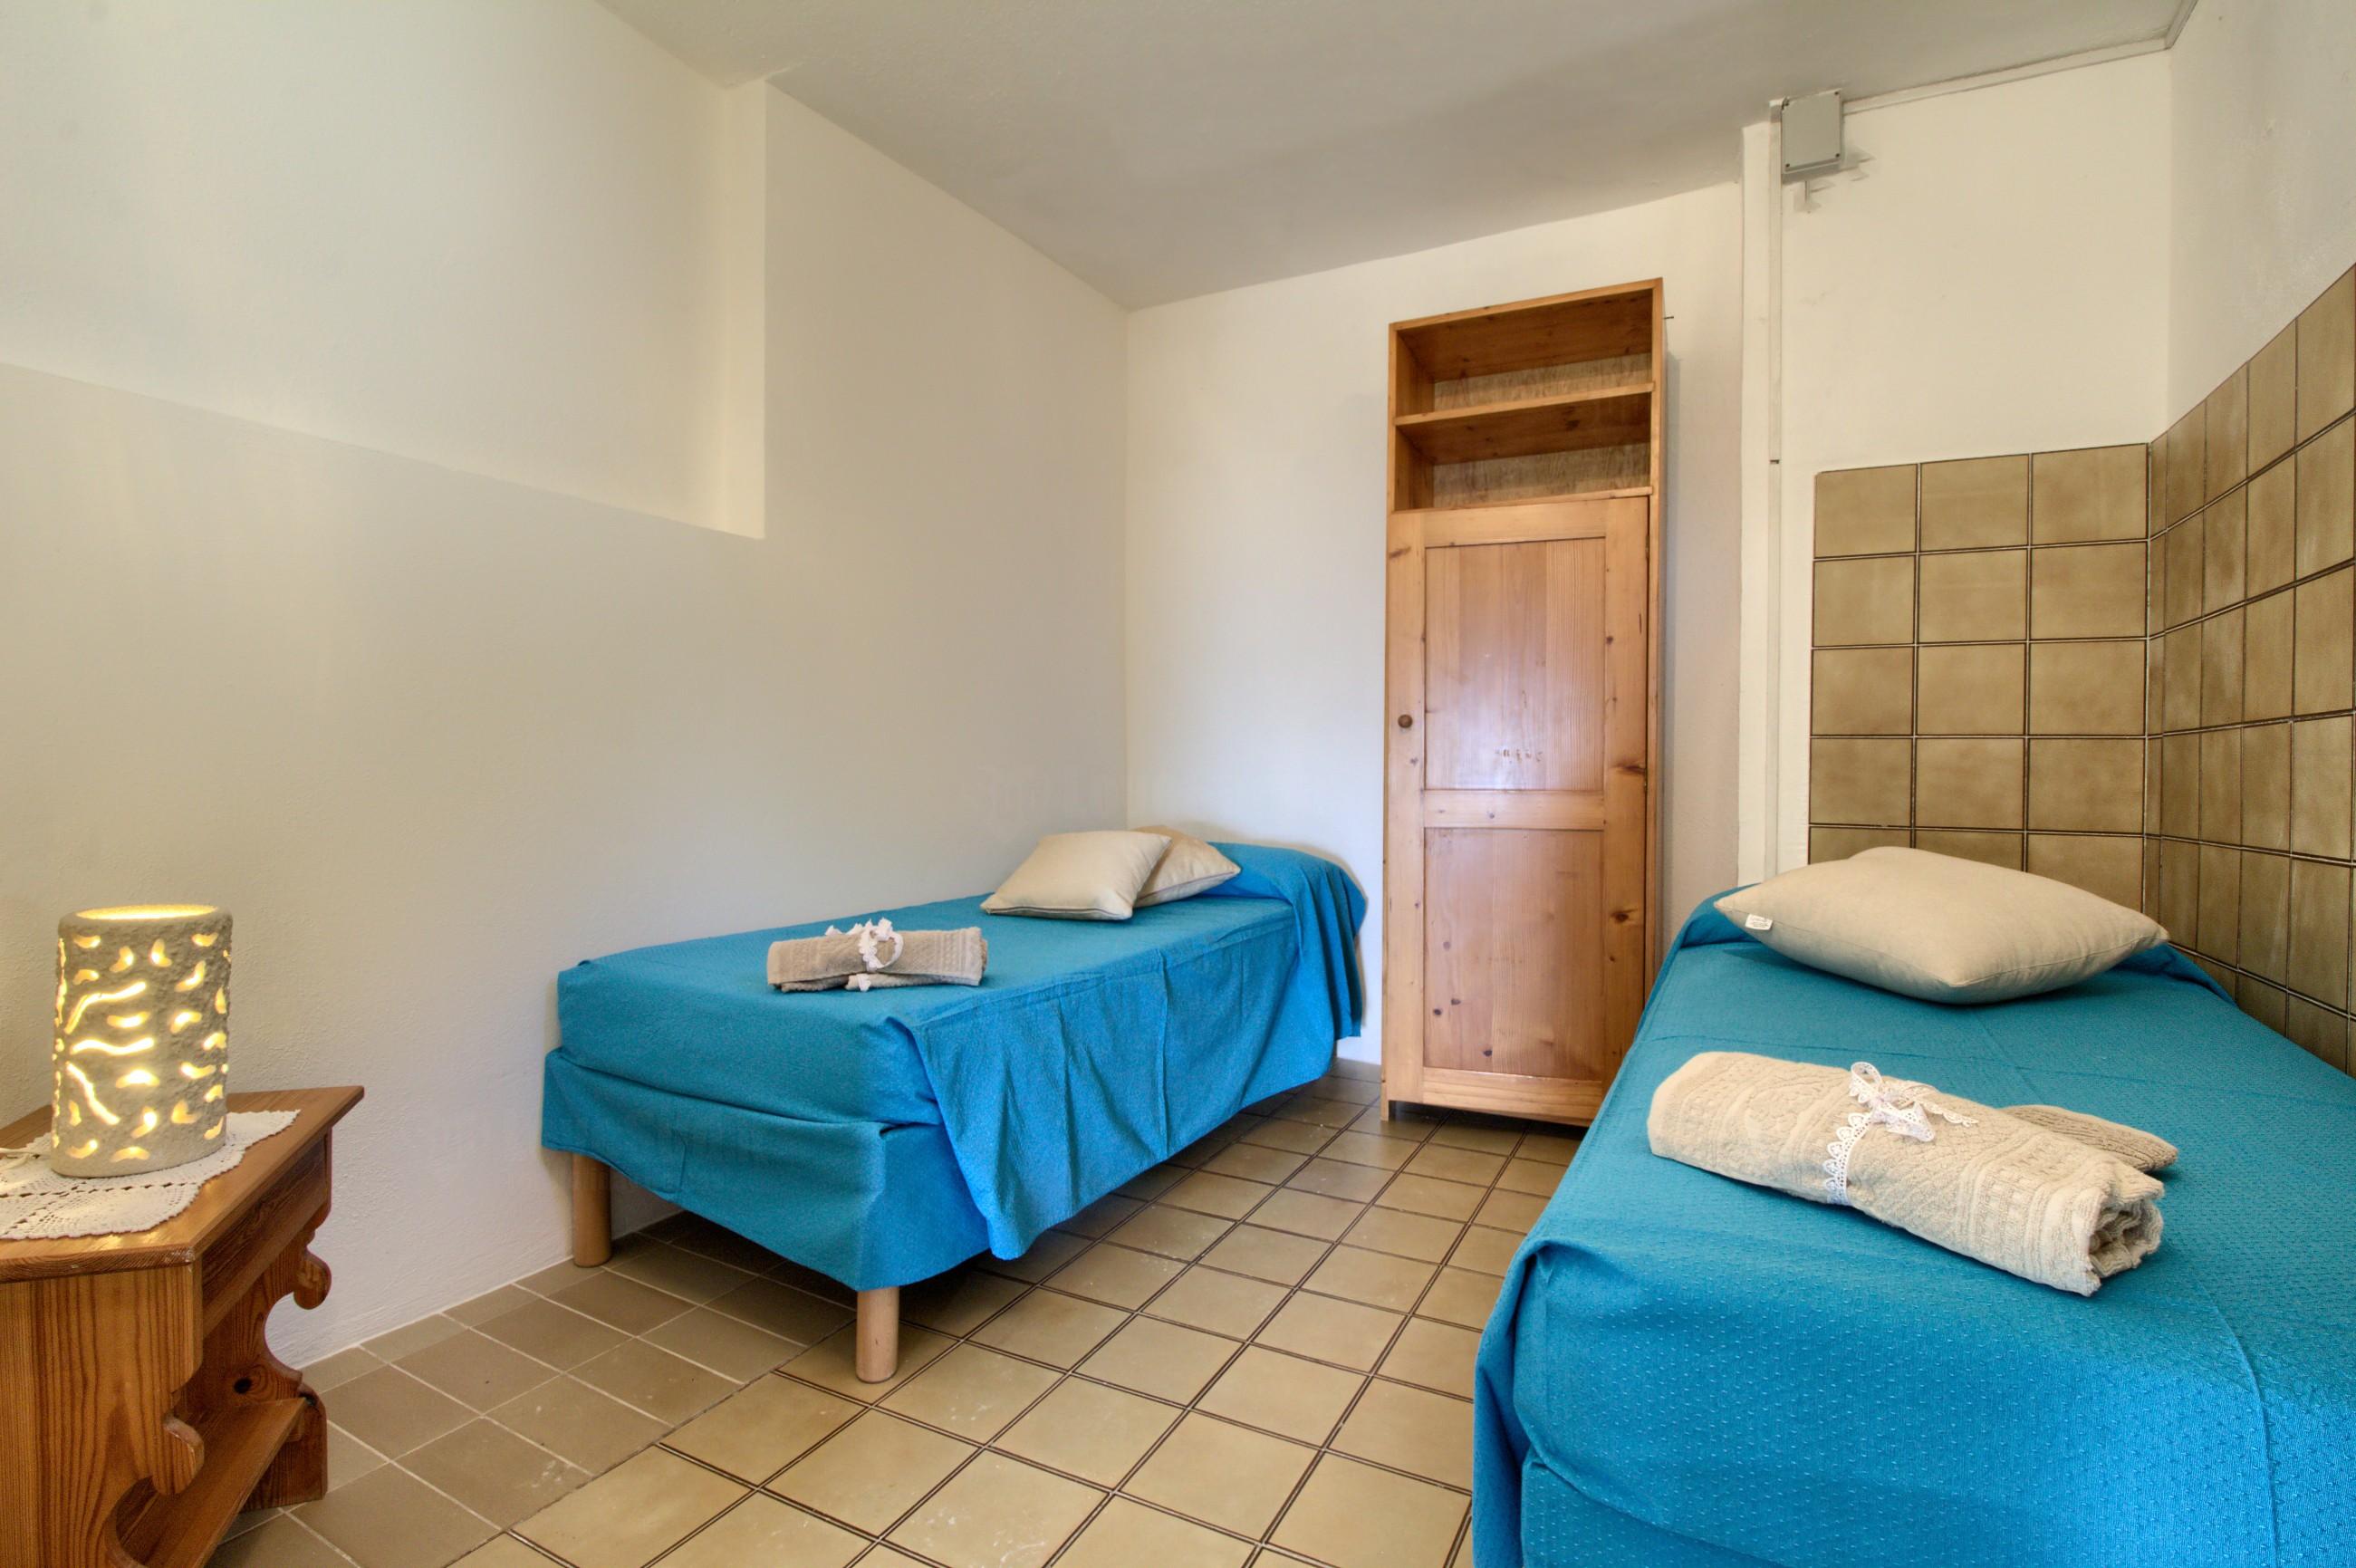 Apartment Trullo Ulivo pool complex photo 22455049